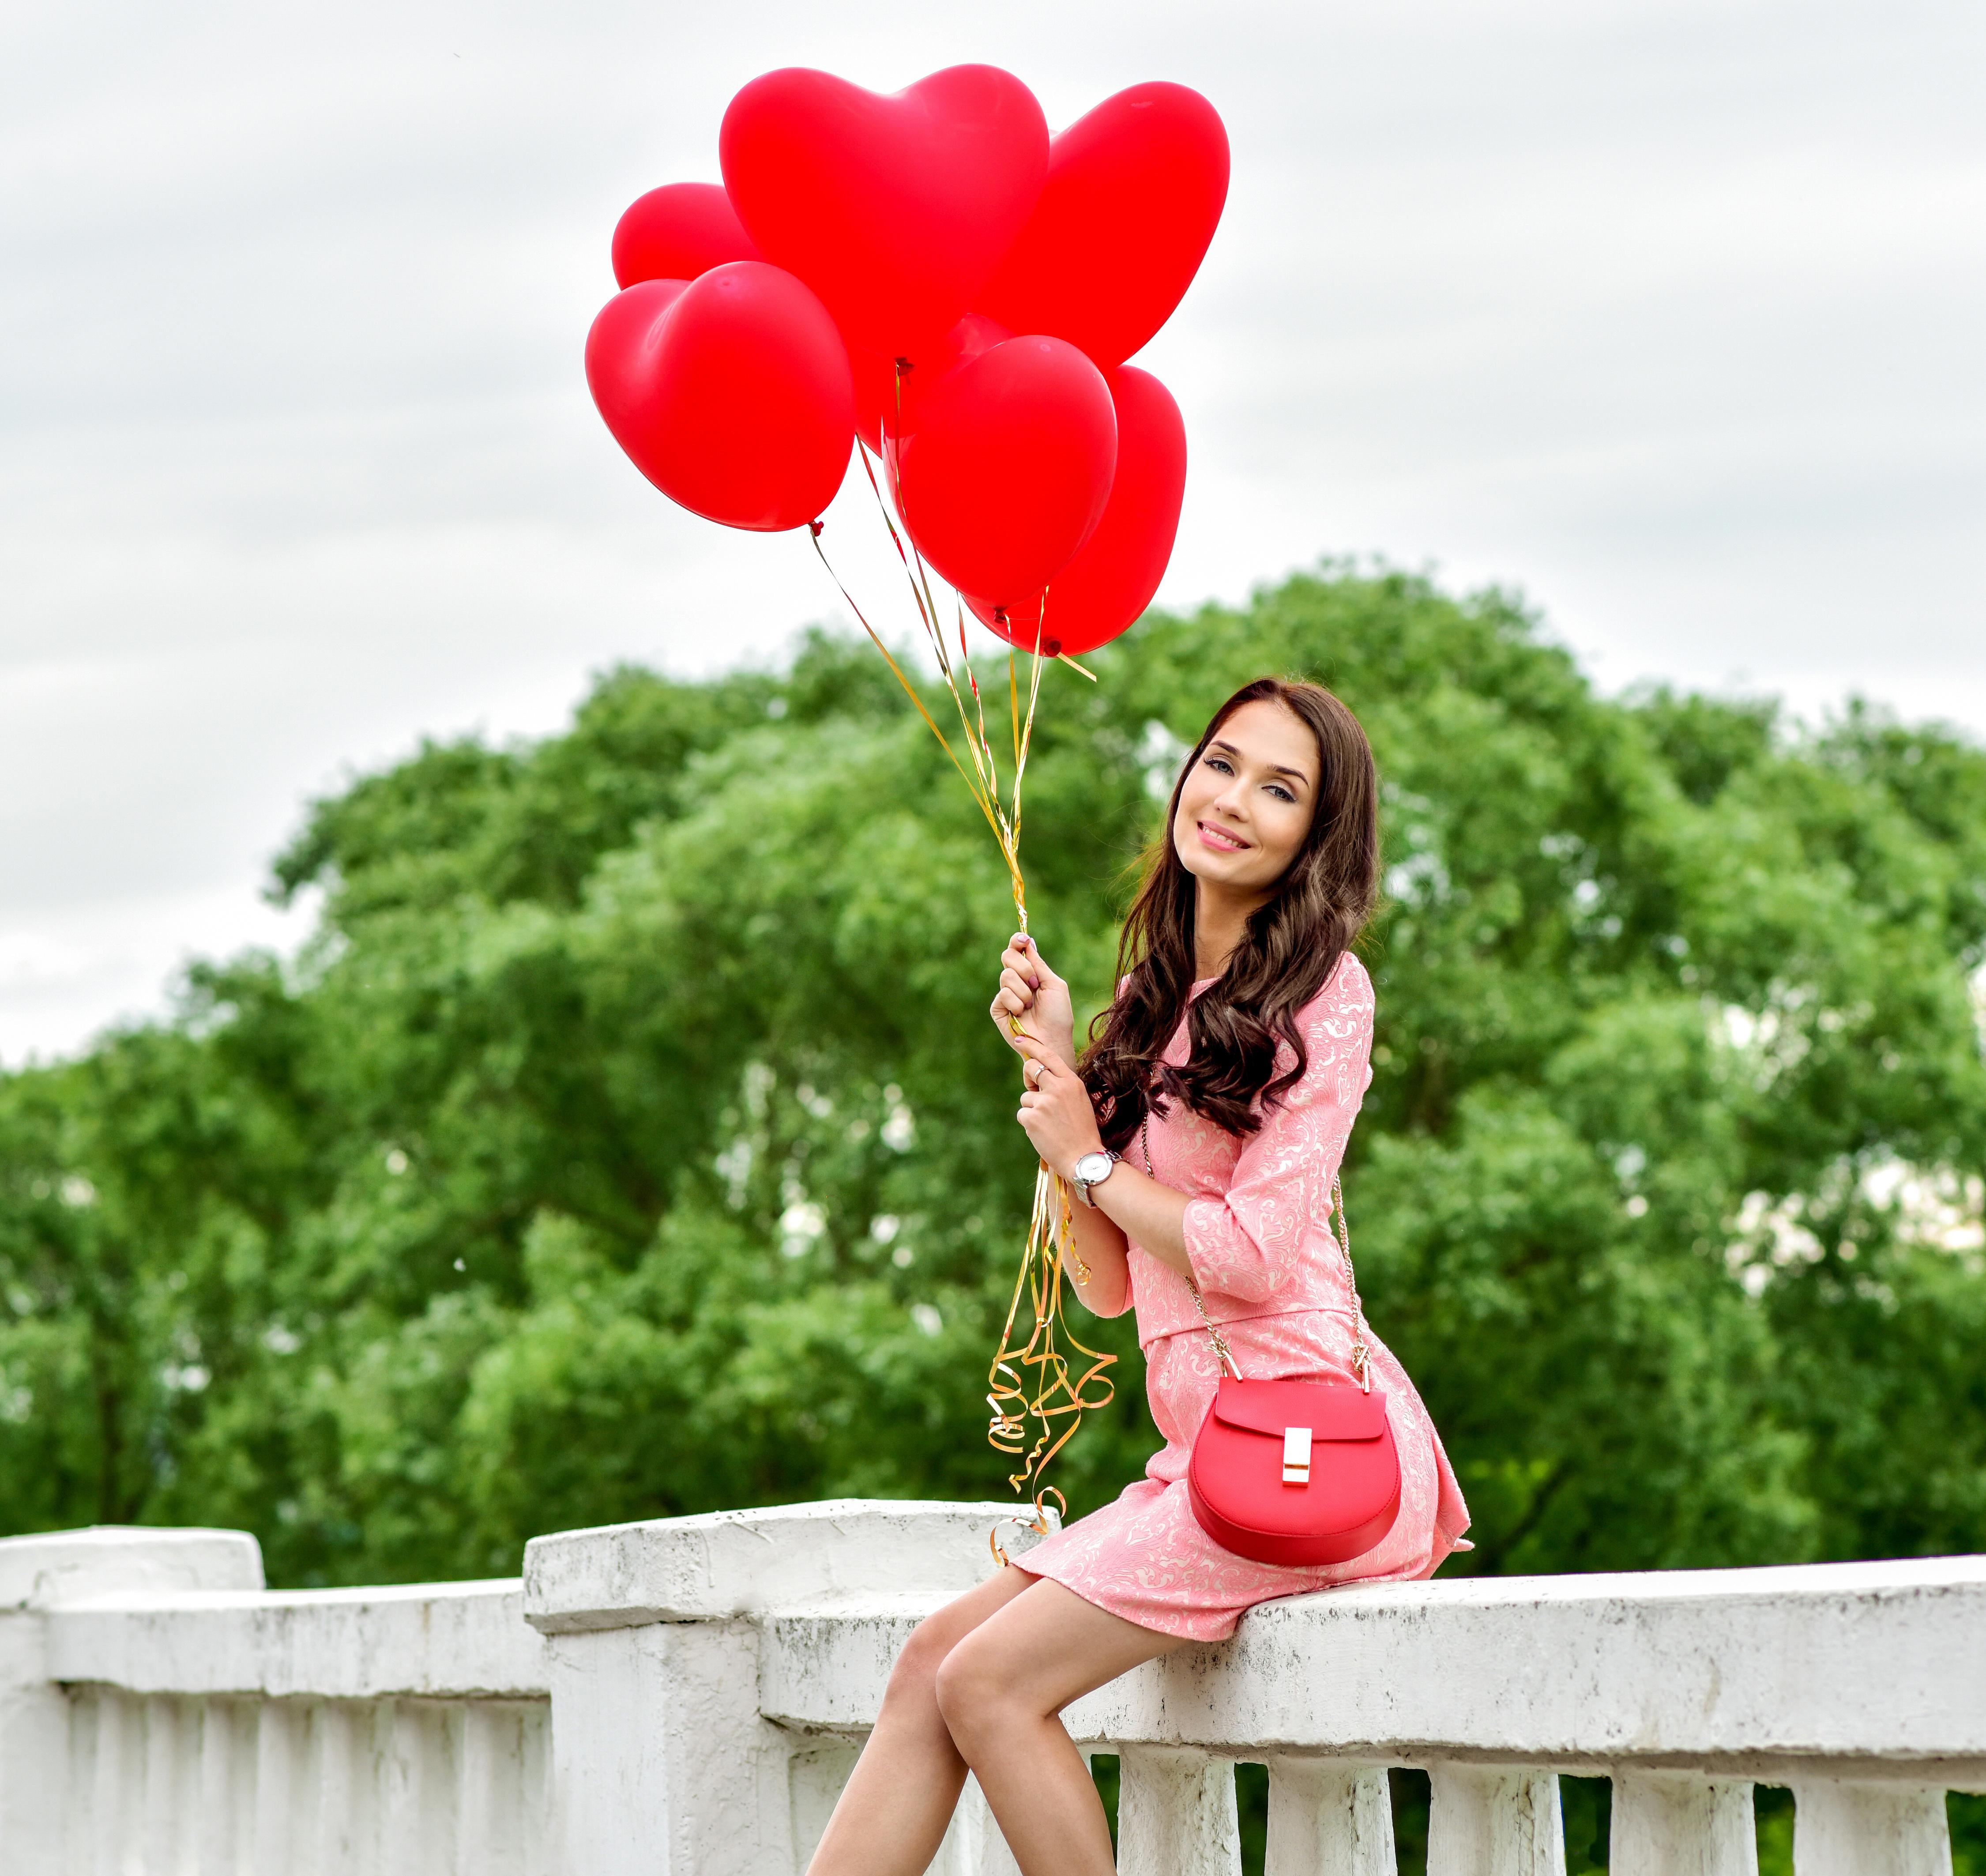 как красиво сфотографироваться с воздушными шарами написано нем